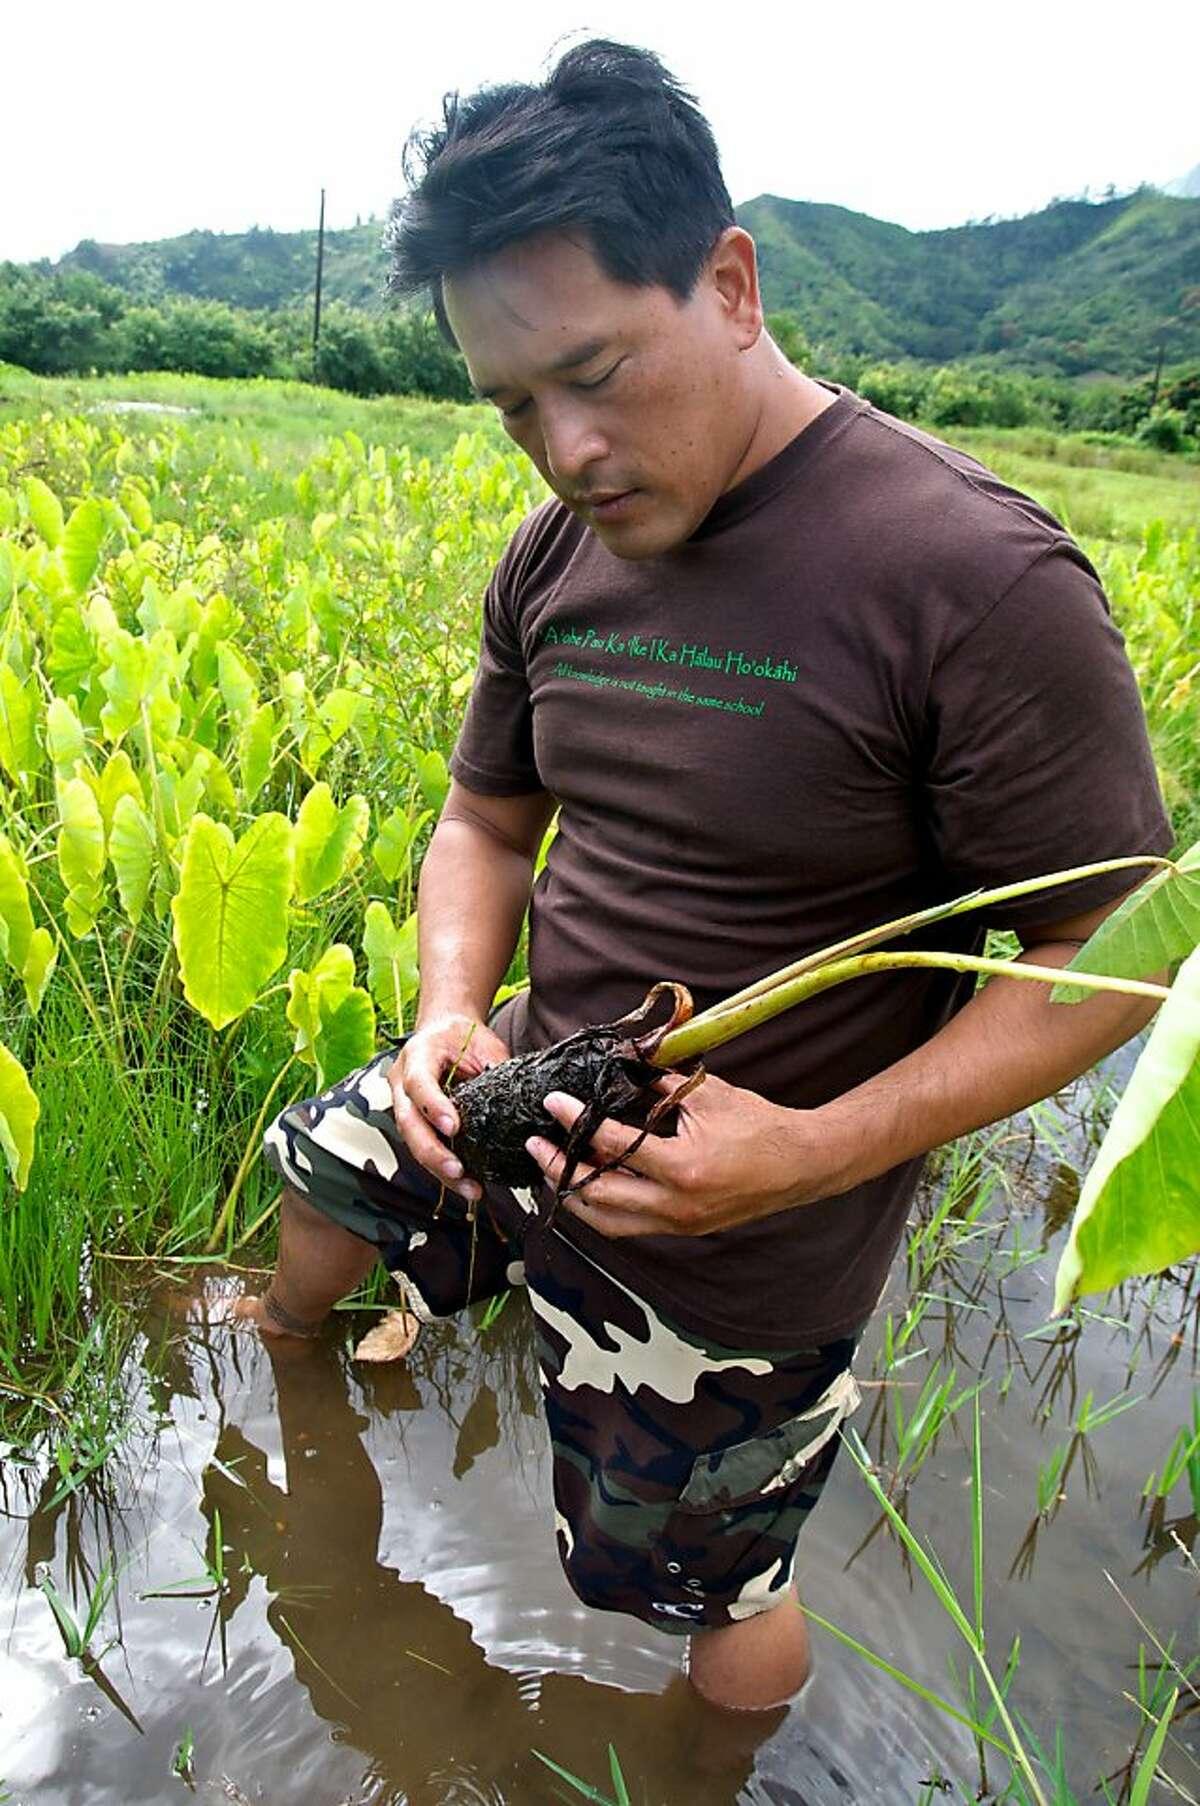 Mason Chock of the Waipa Foundation holds a taro plant. Photo by John Flinn / Special to The Chronicle